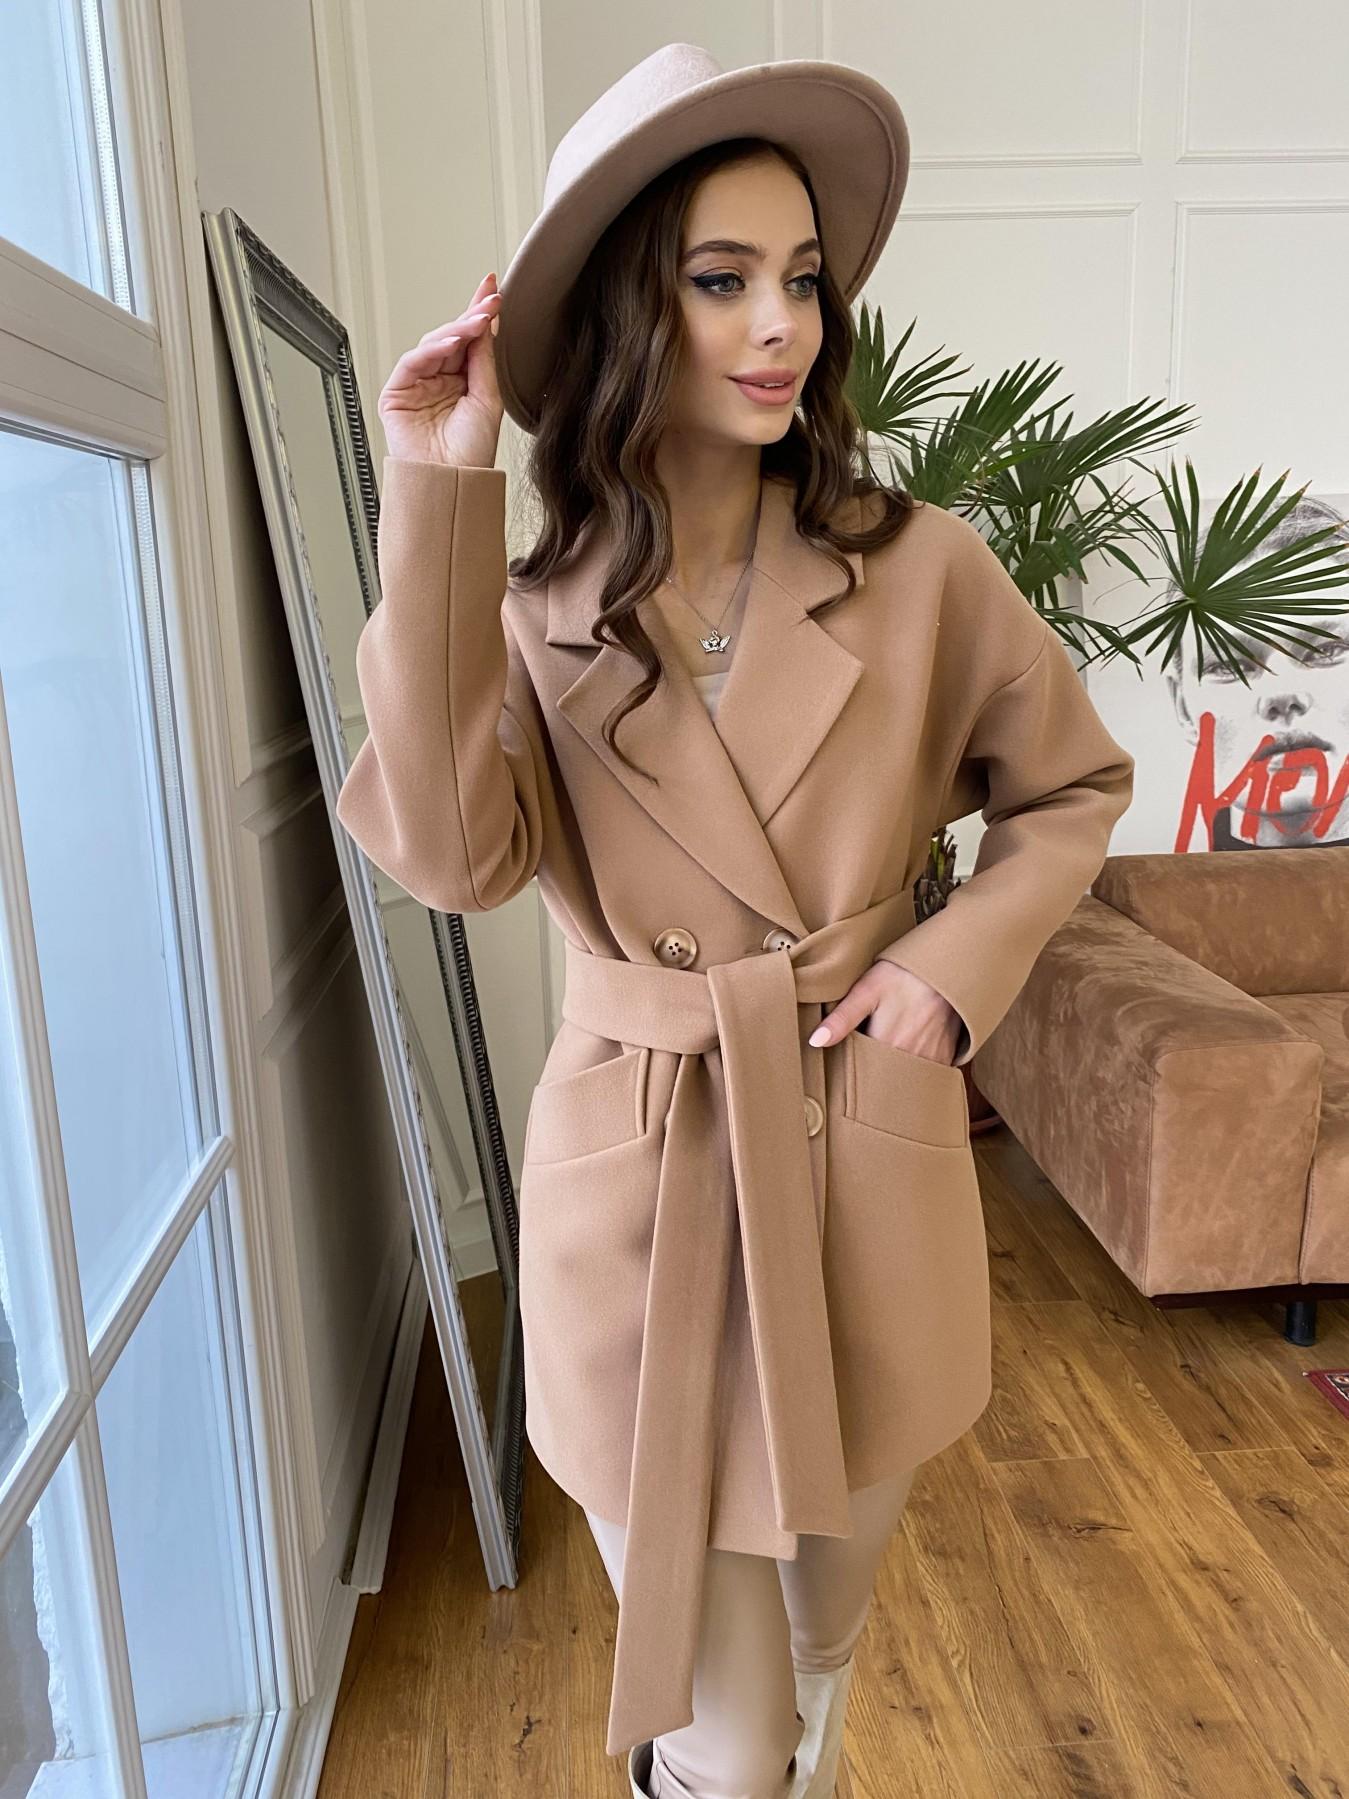 Бонд пальто из кашемира  10571 АРТ. 47437 Цвет: Кемел 8132 - фото 2, интернет магазин tm-modus.ru